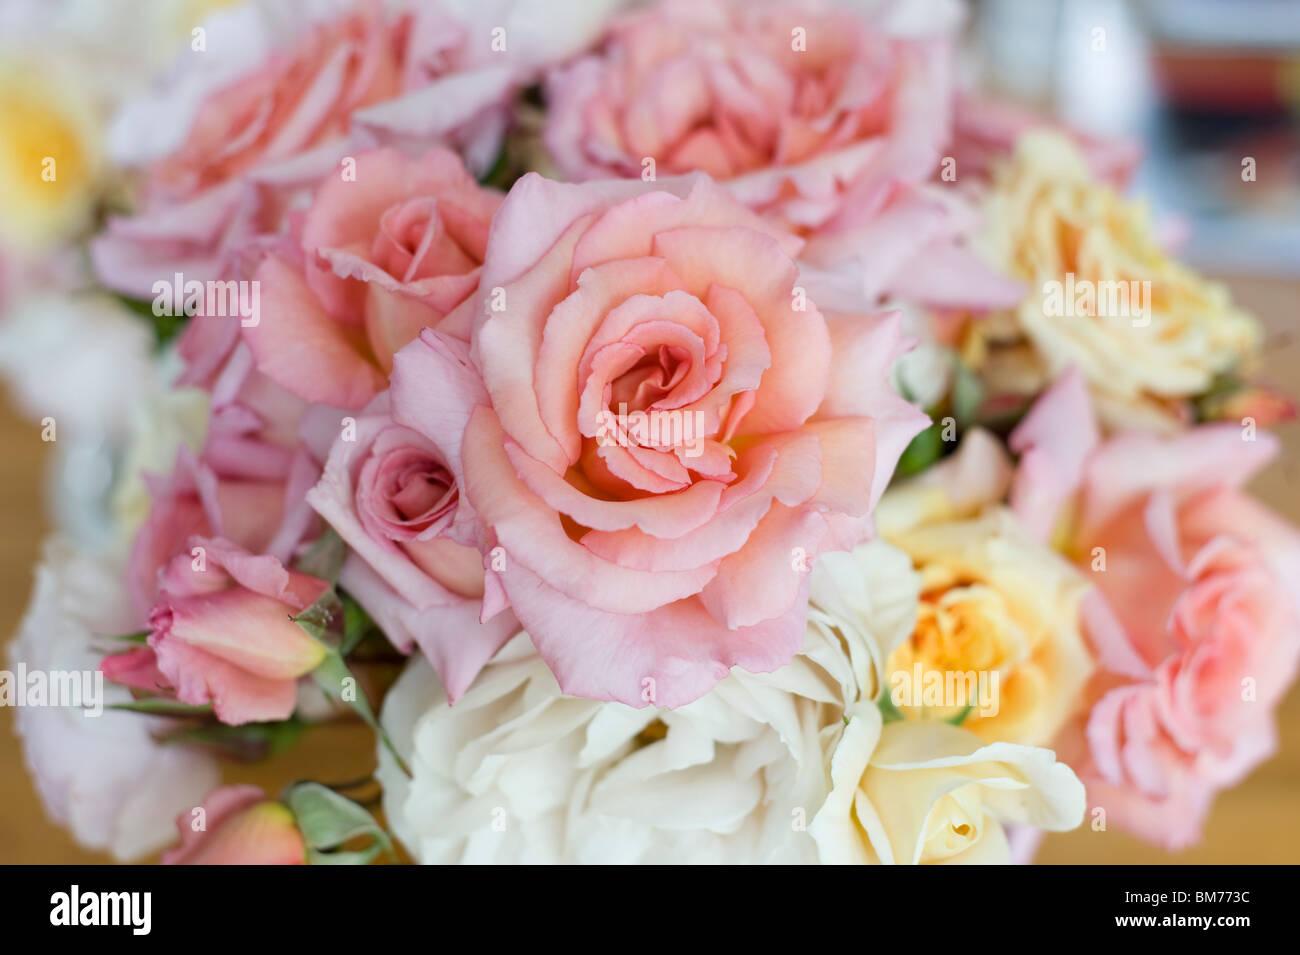 un bouquet de roses anciennes en été banque d'images, photo stock